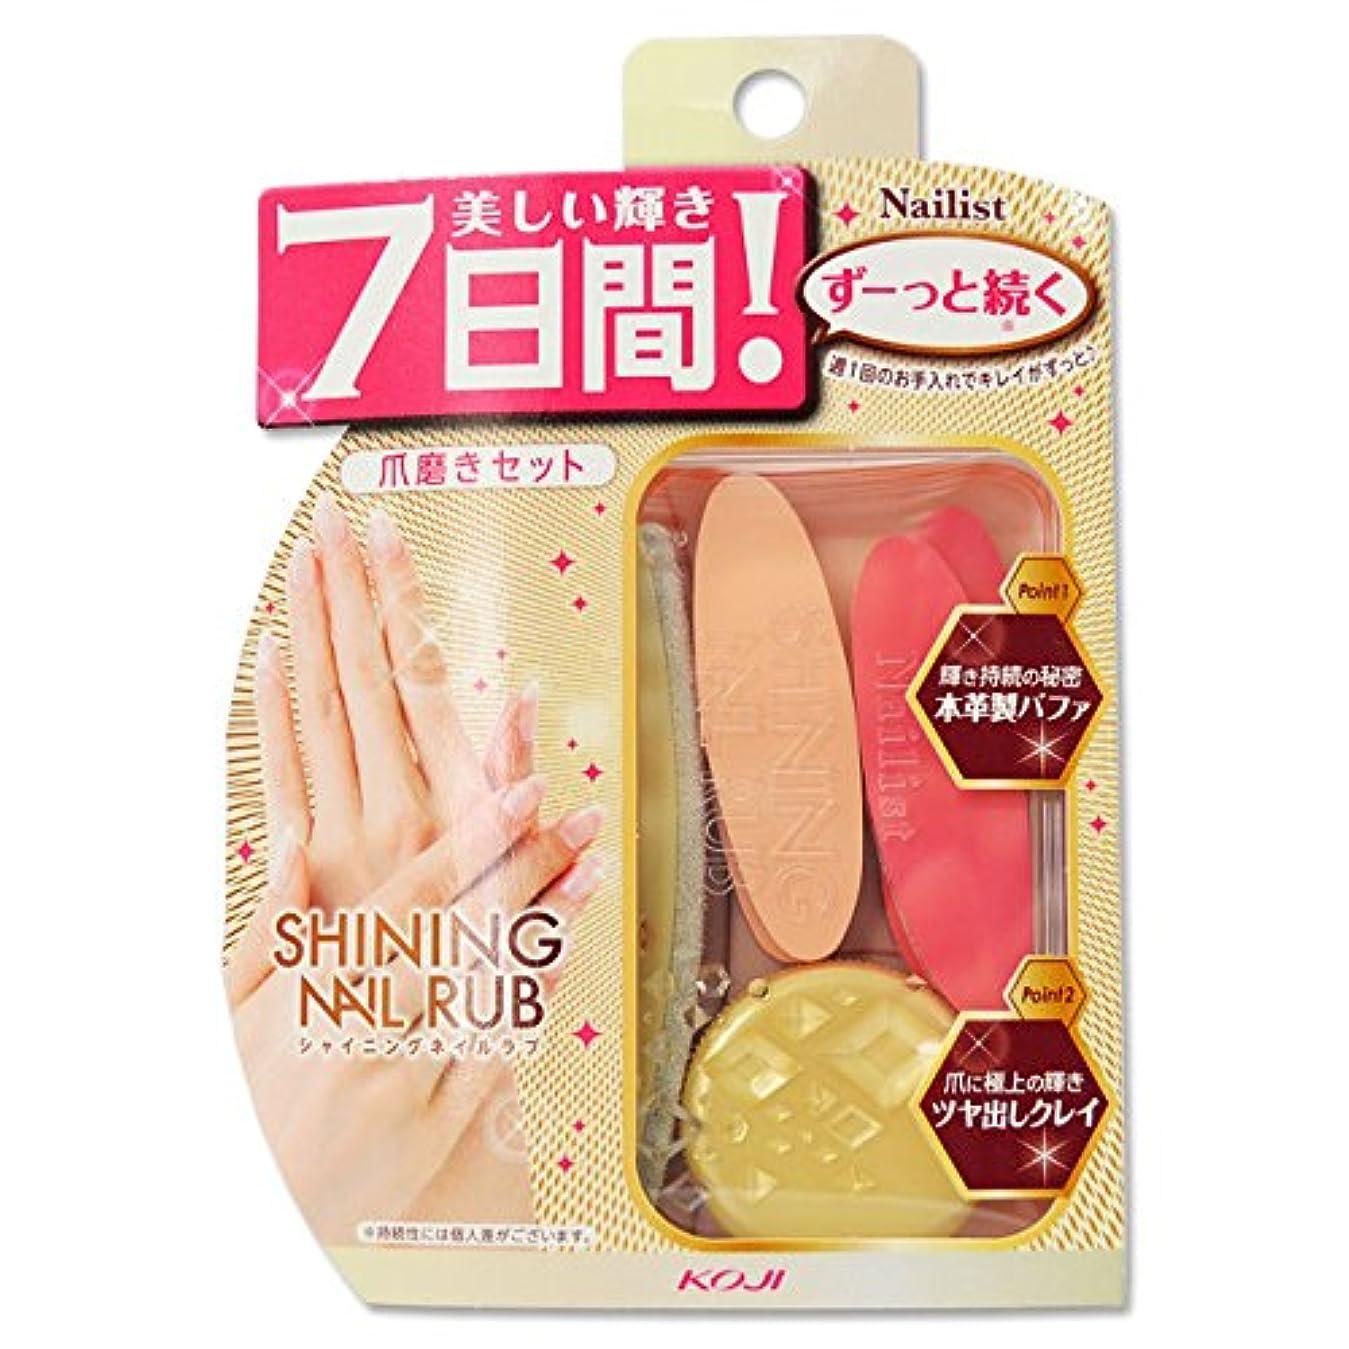 天含めるスリッパコージー ネイリスト シャイニングネイルラブ 爪磨きセット 2AL6811